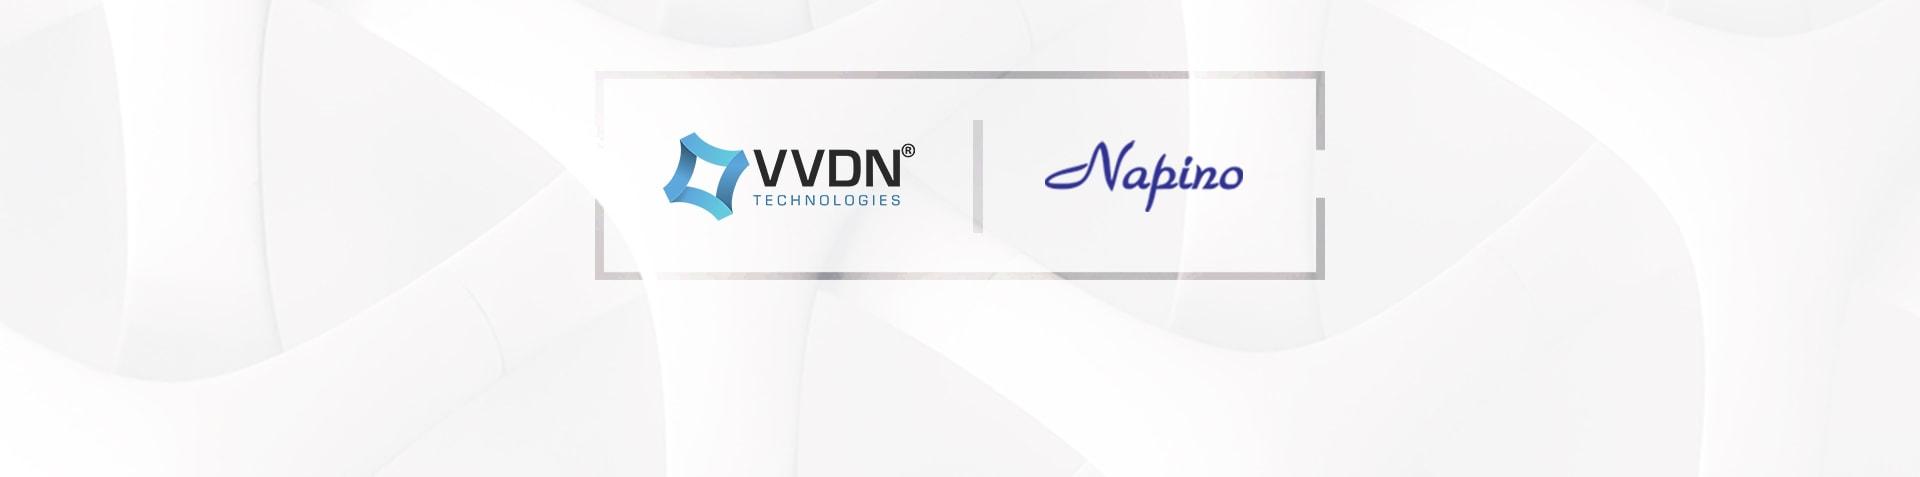 VVDN-Napino